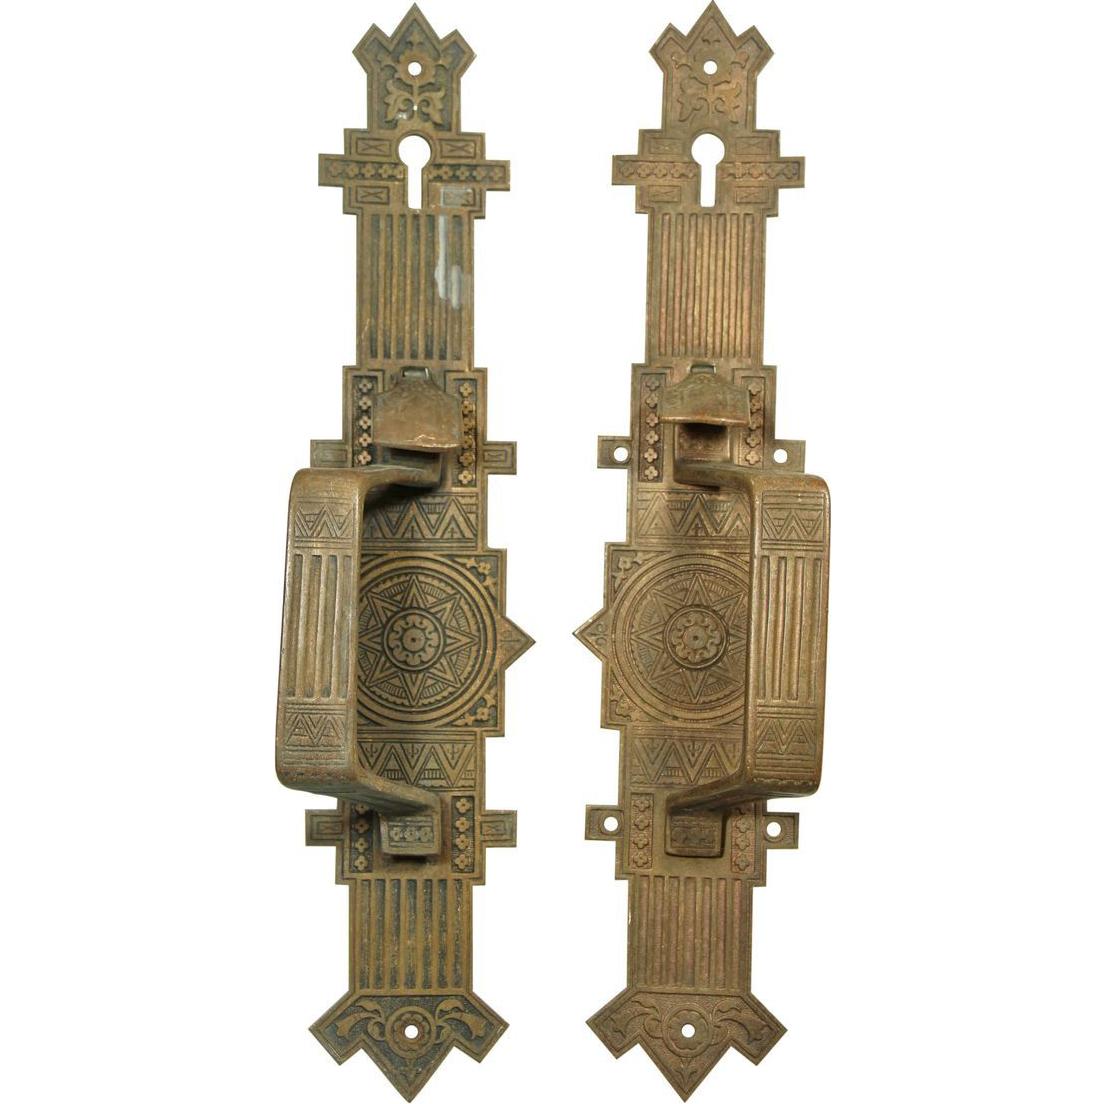 Pair of Aesthetic door pulls